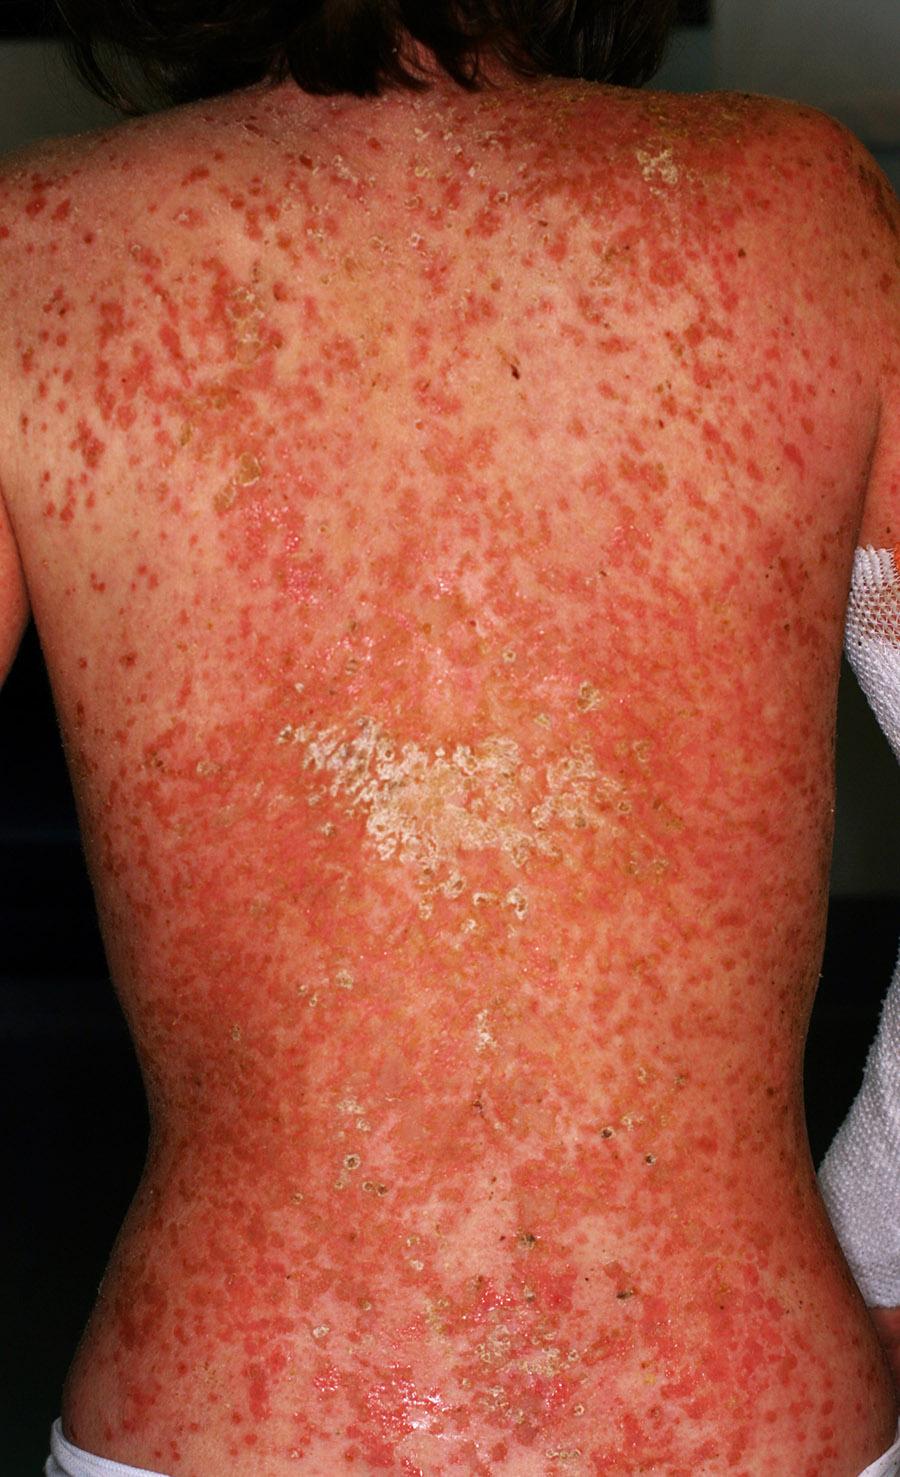 dermatite atopica diffusa